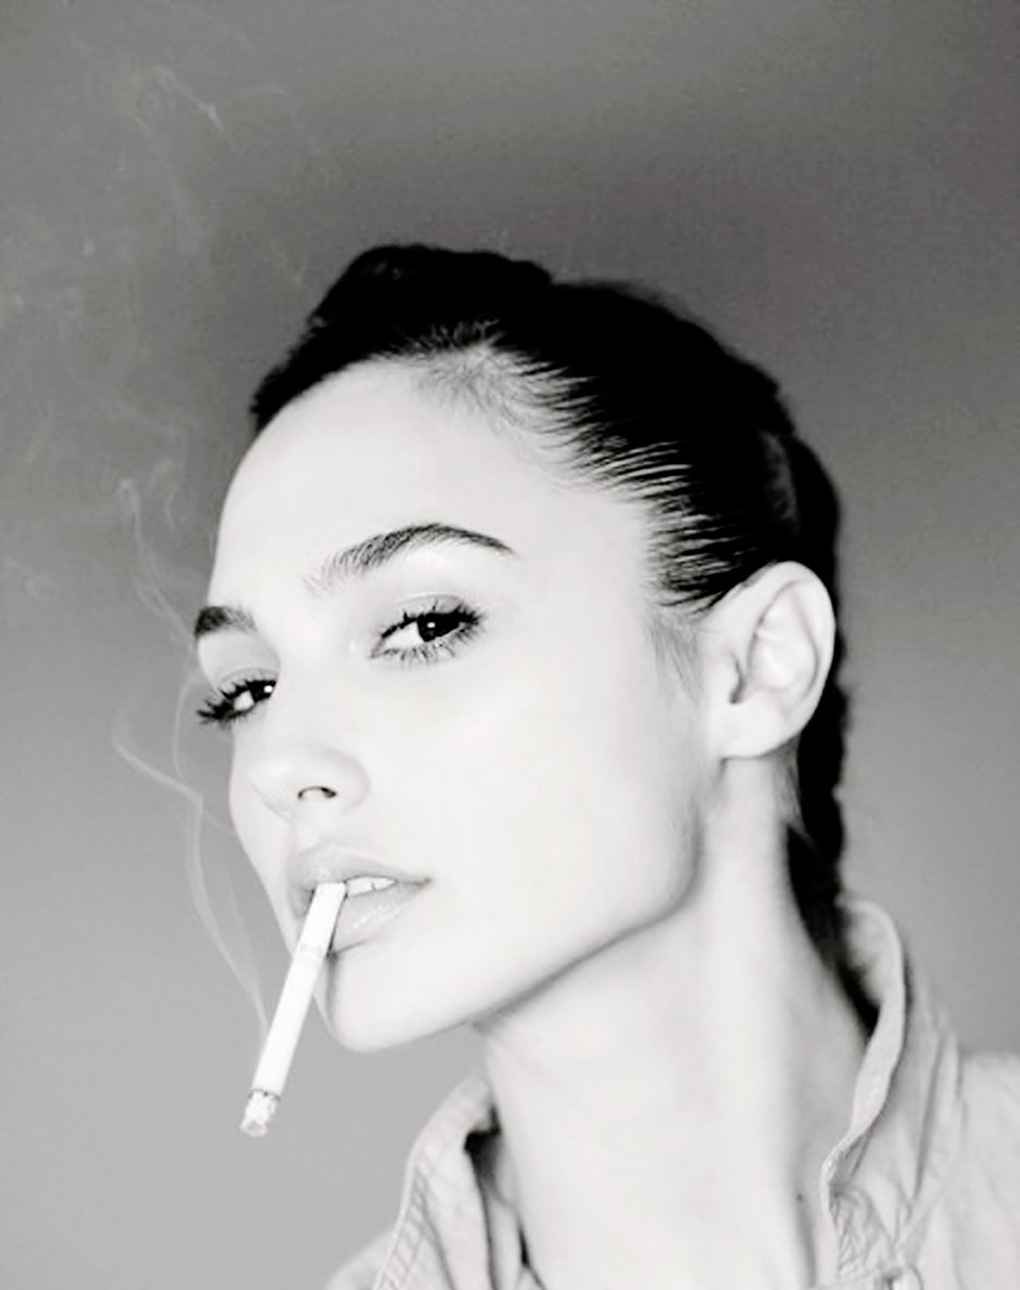 عکس سیگار شراب , عکس سیگار تاج , عکس غمگین سیگار کشیدن بدون متن